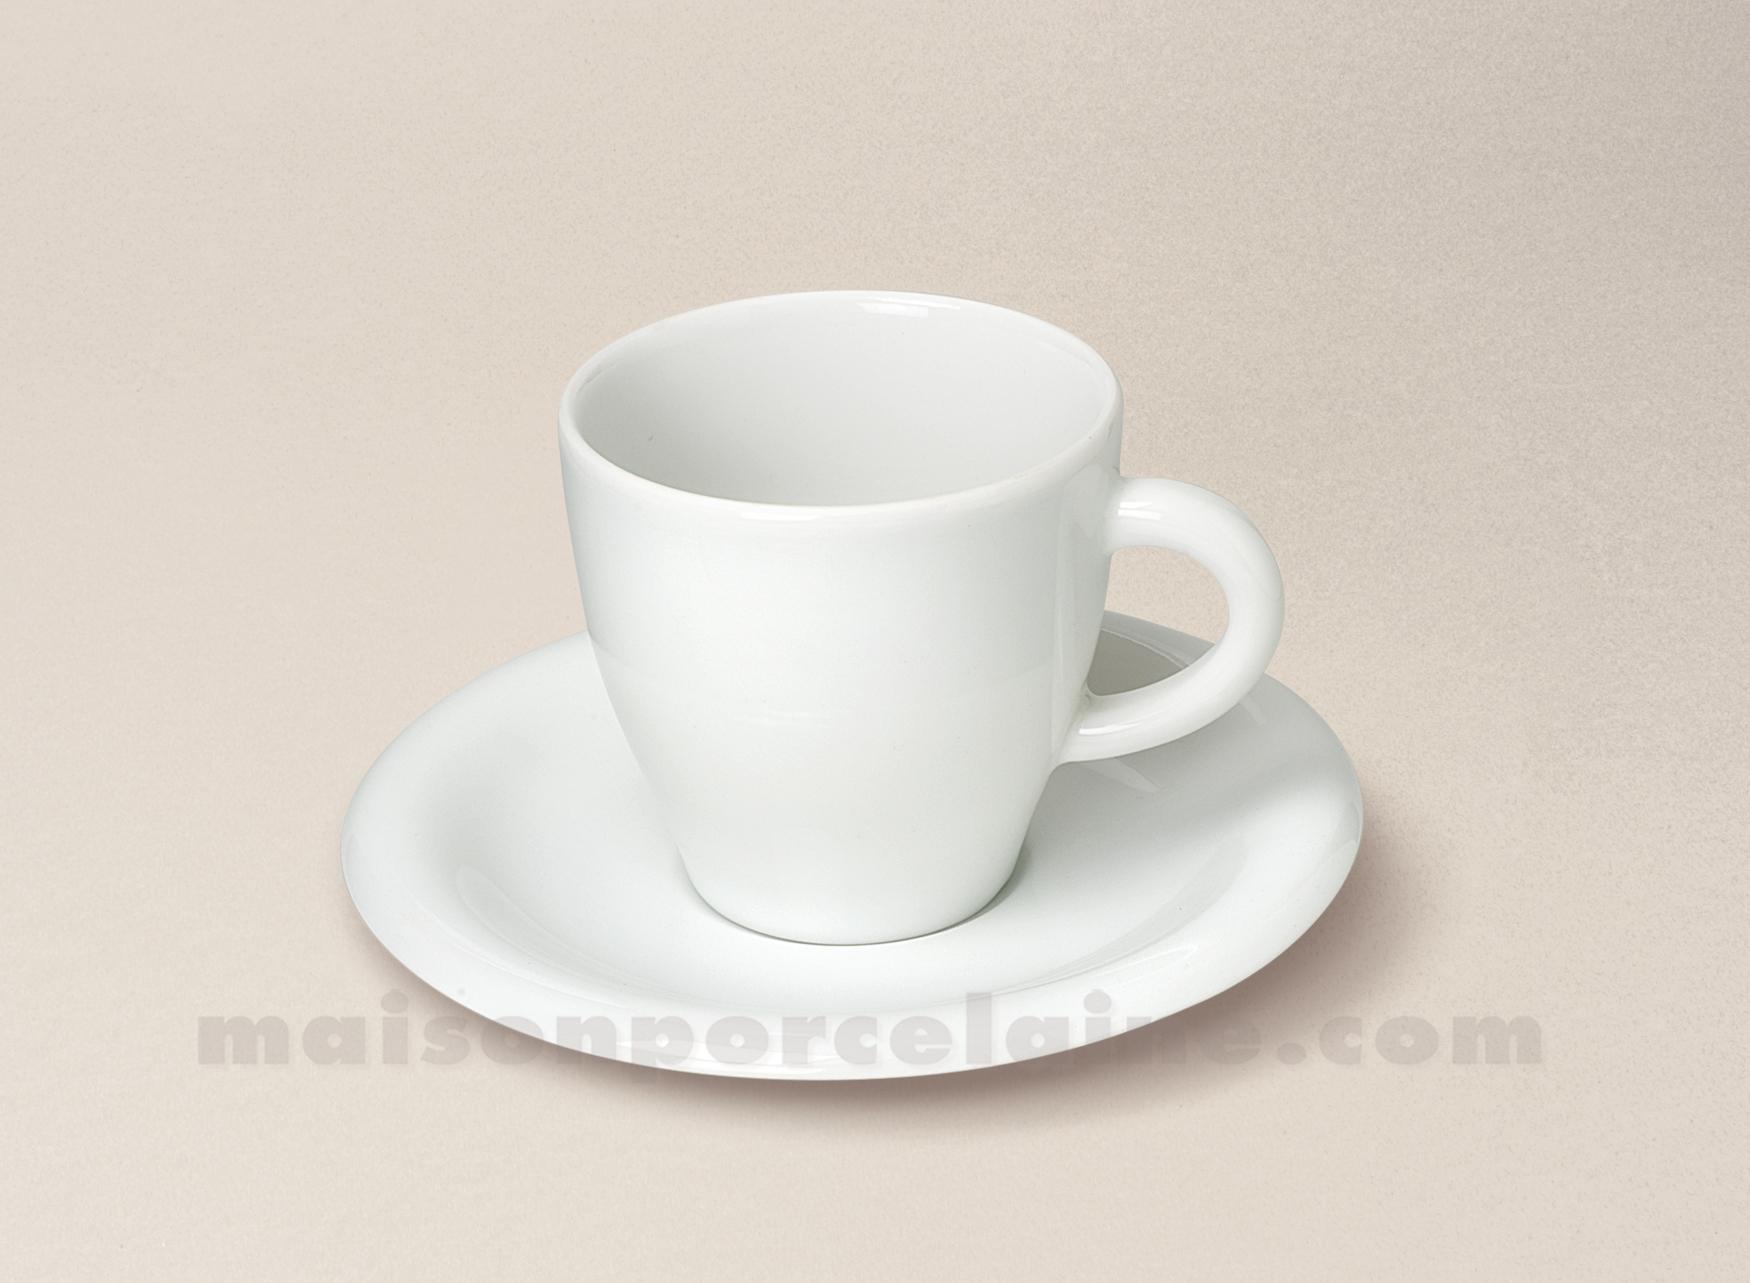 Tasse the soucoupe porcelaine blanche ronda 15cl maison for Maison de la porcelaine